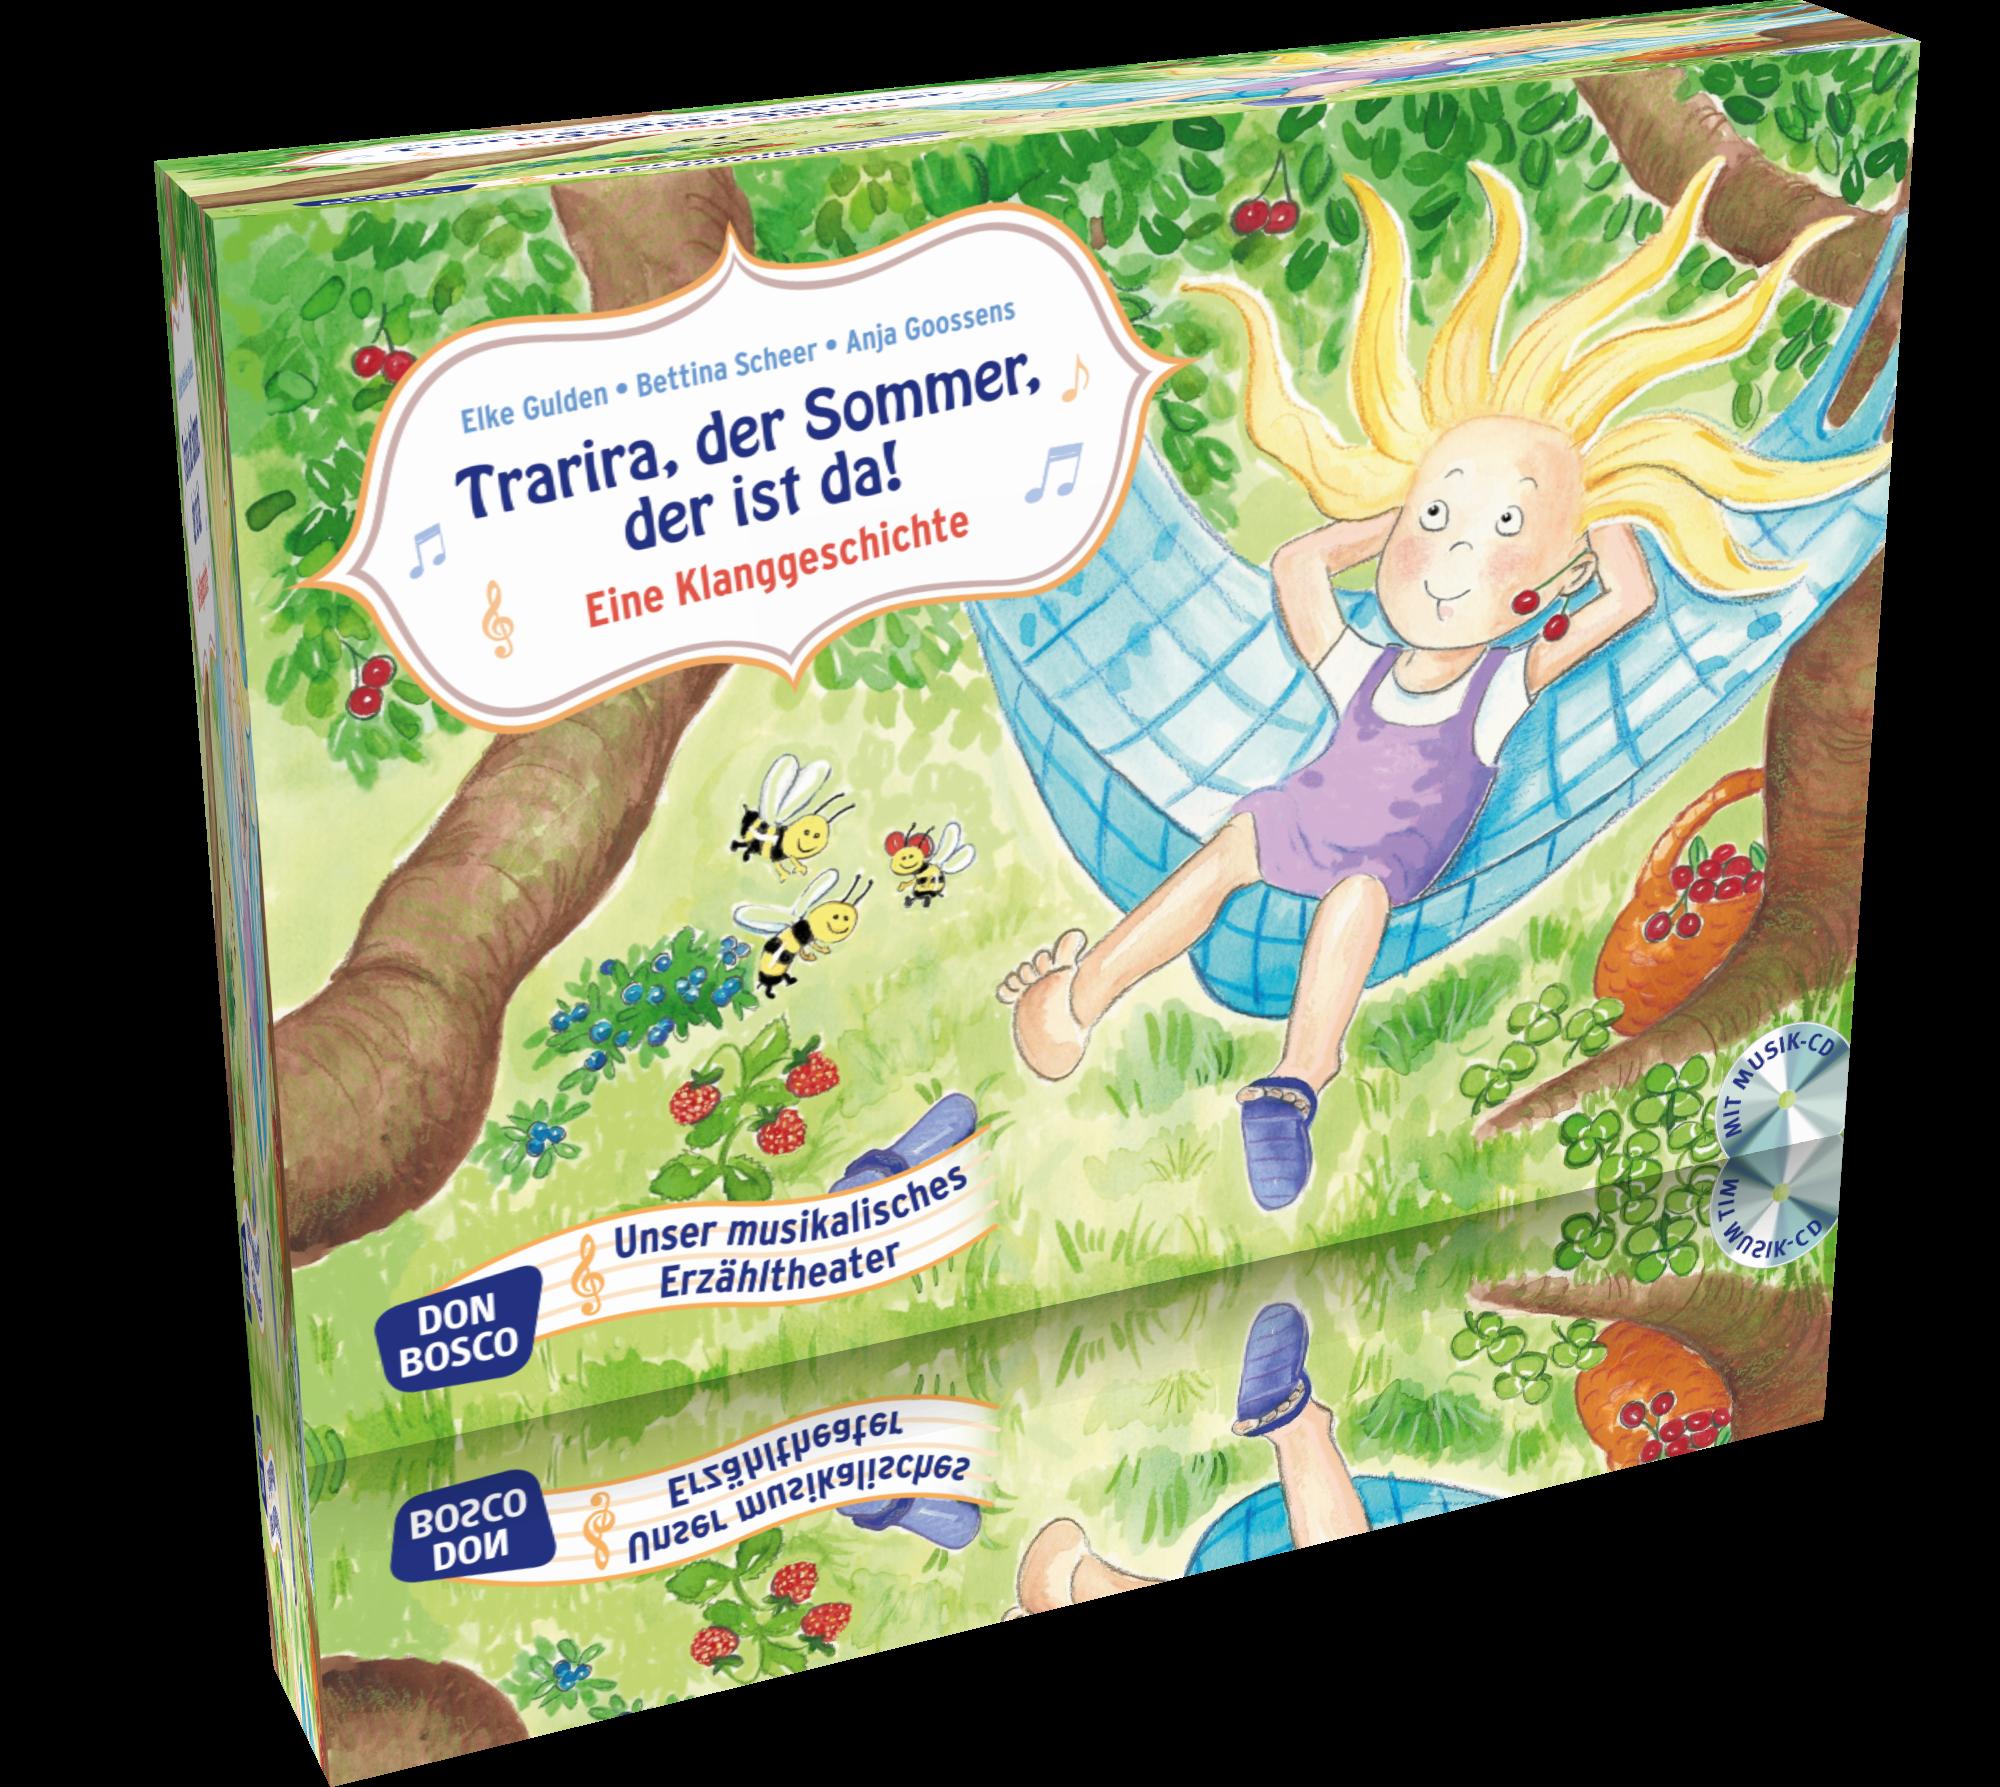 Trarira, der Sommer, der ist da! -  Eine Sommerklanggeschichte mit Audio-CD